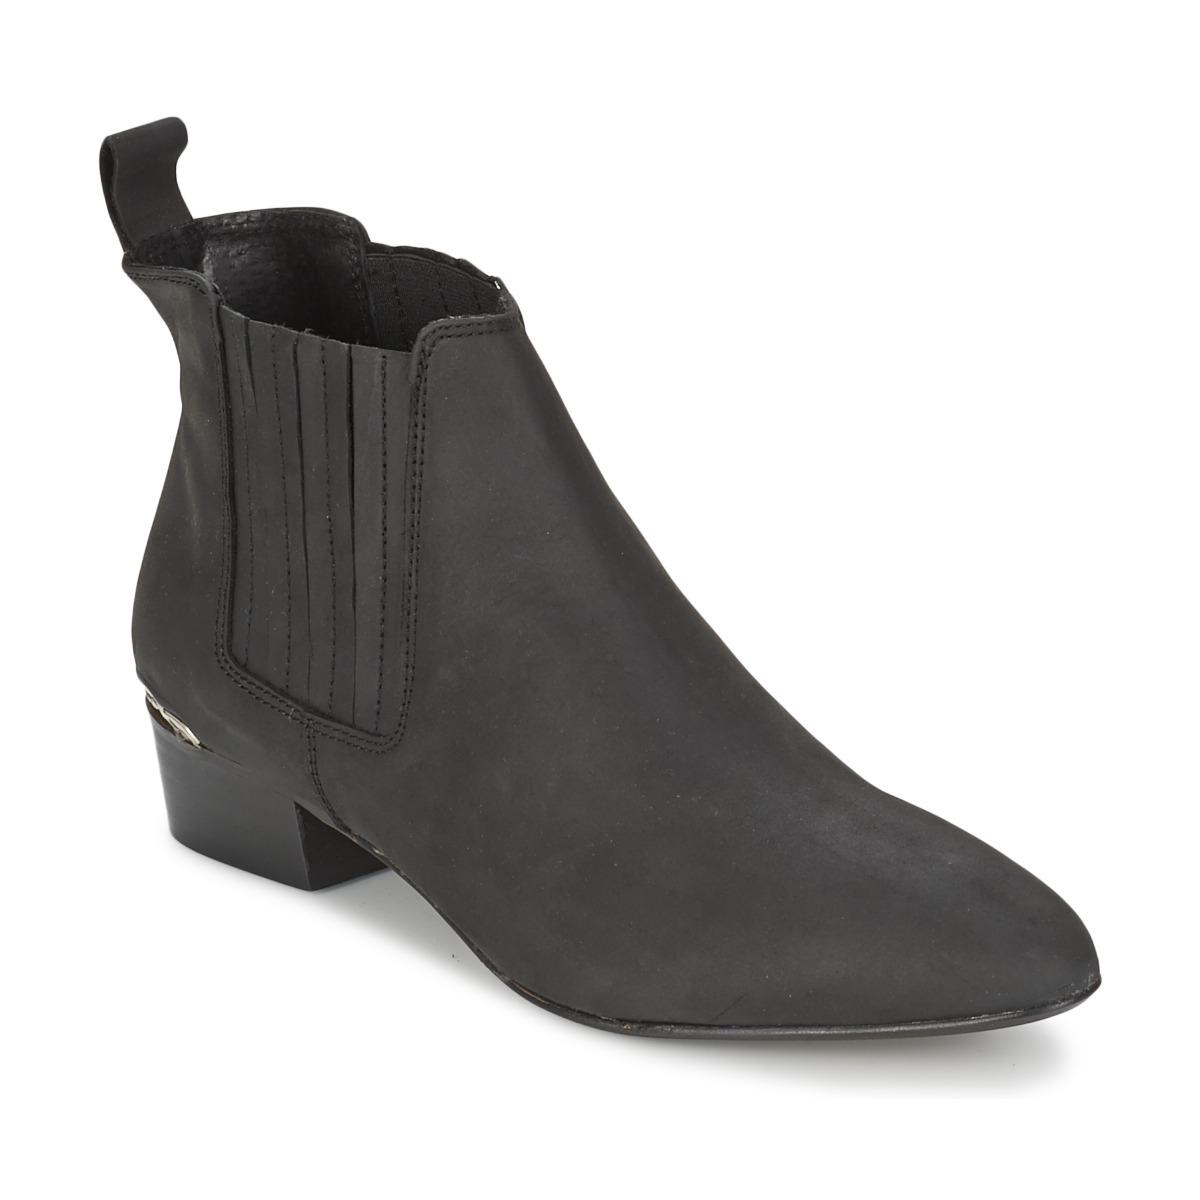 KG by Kurt Geiger SLADE Schwarz - Kostenloser Versand bei Spartoode ! - Schuhe Boots Damen 84,50 €